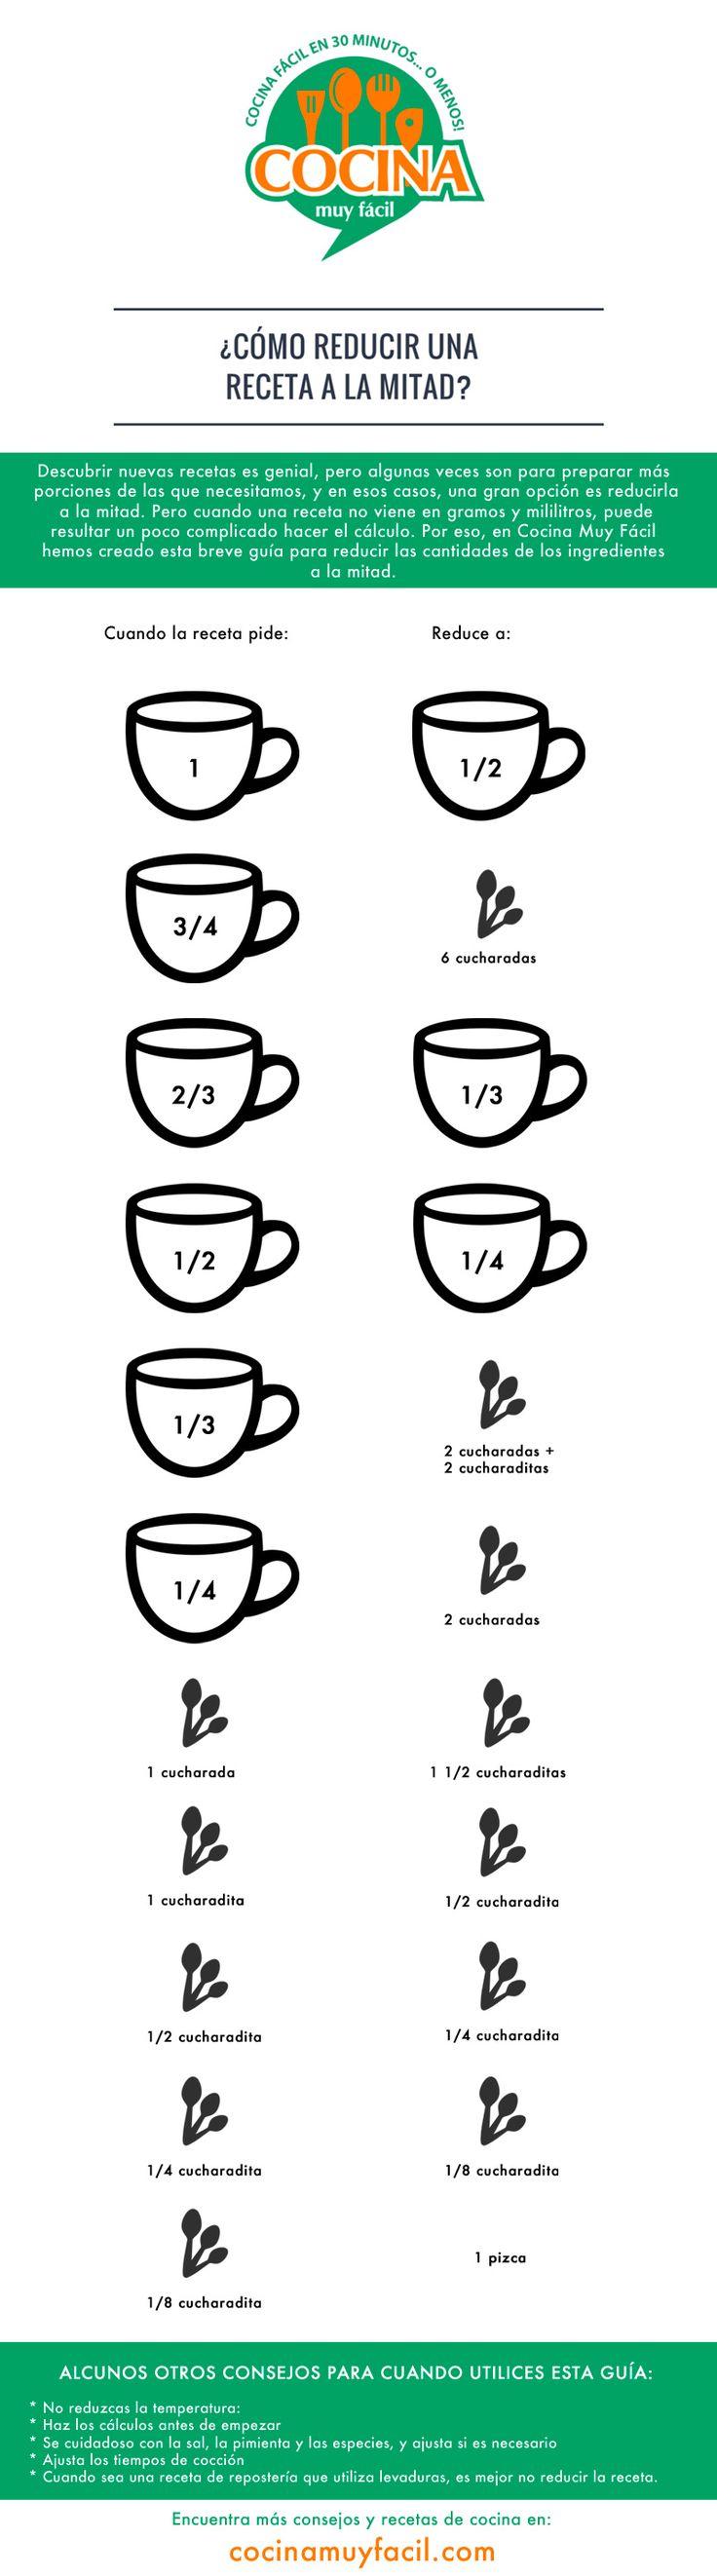 En esta infografía, te mostramos como reducir una receta a la mitad si para las cantidades de sus ingredientes se utilizan tazas y cucharas.